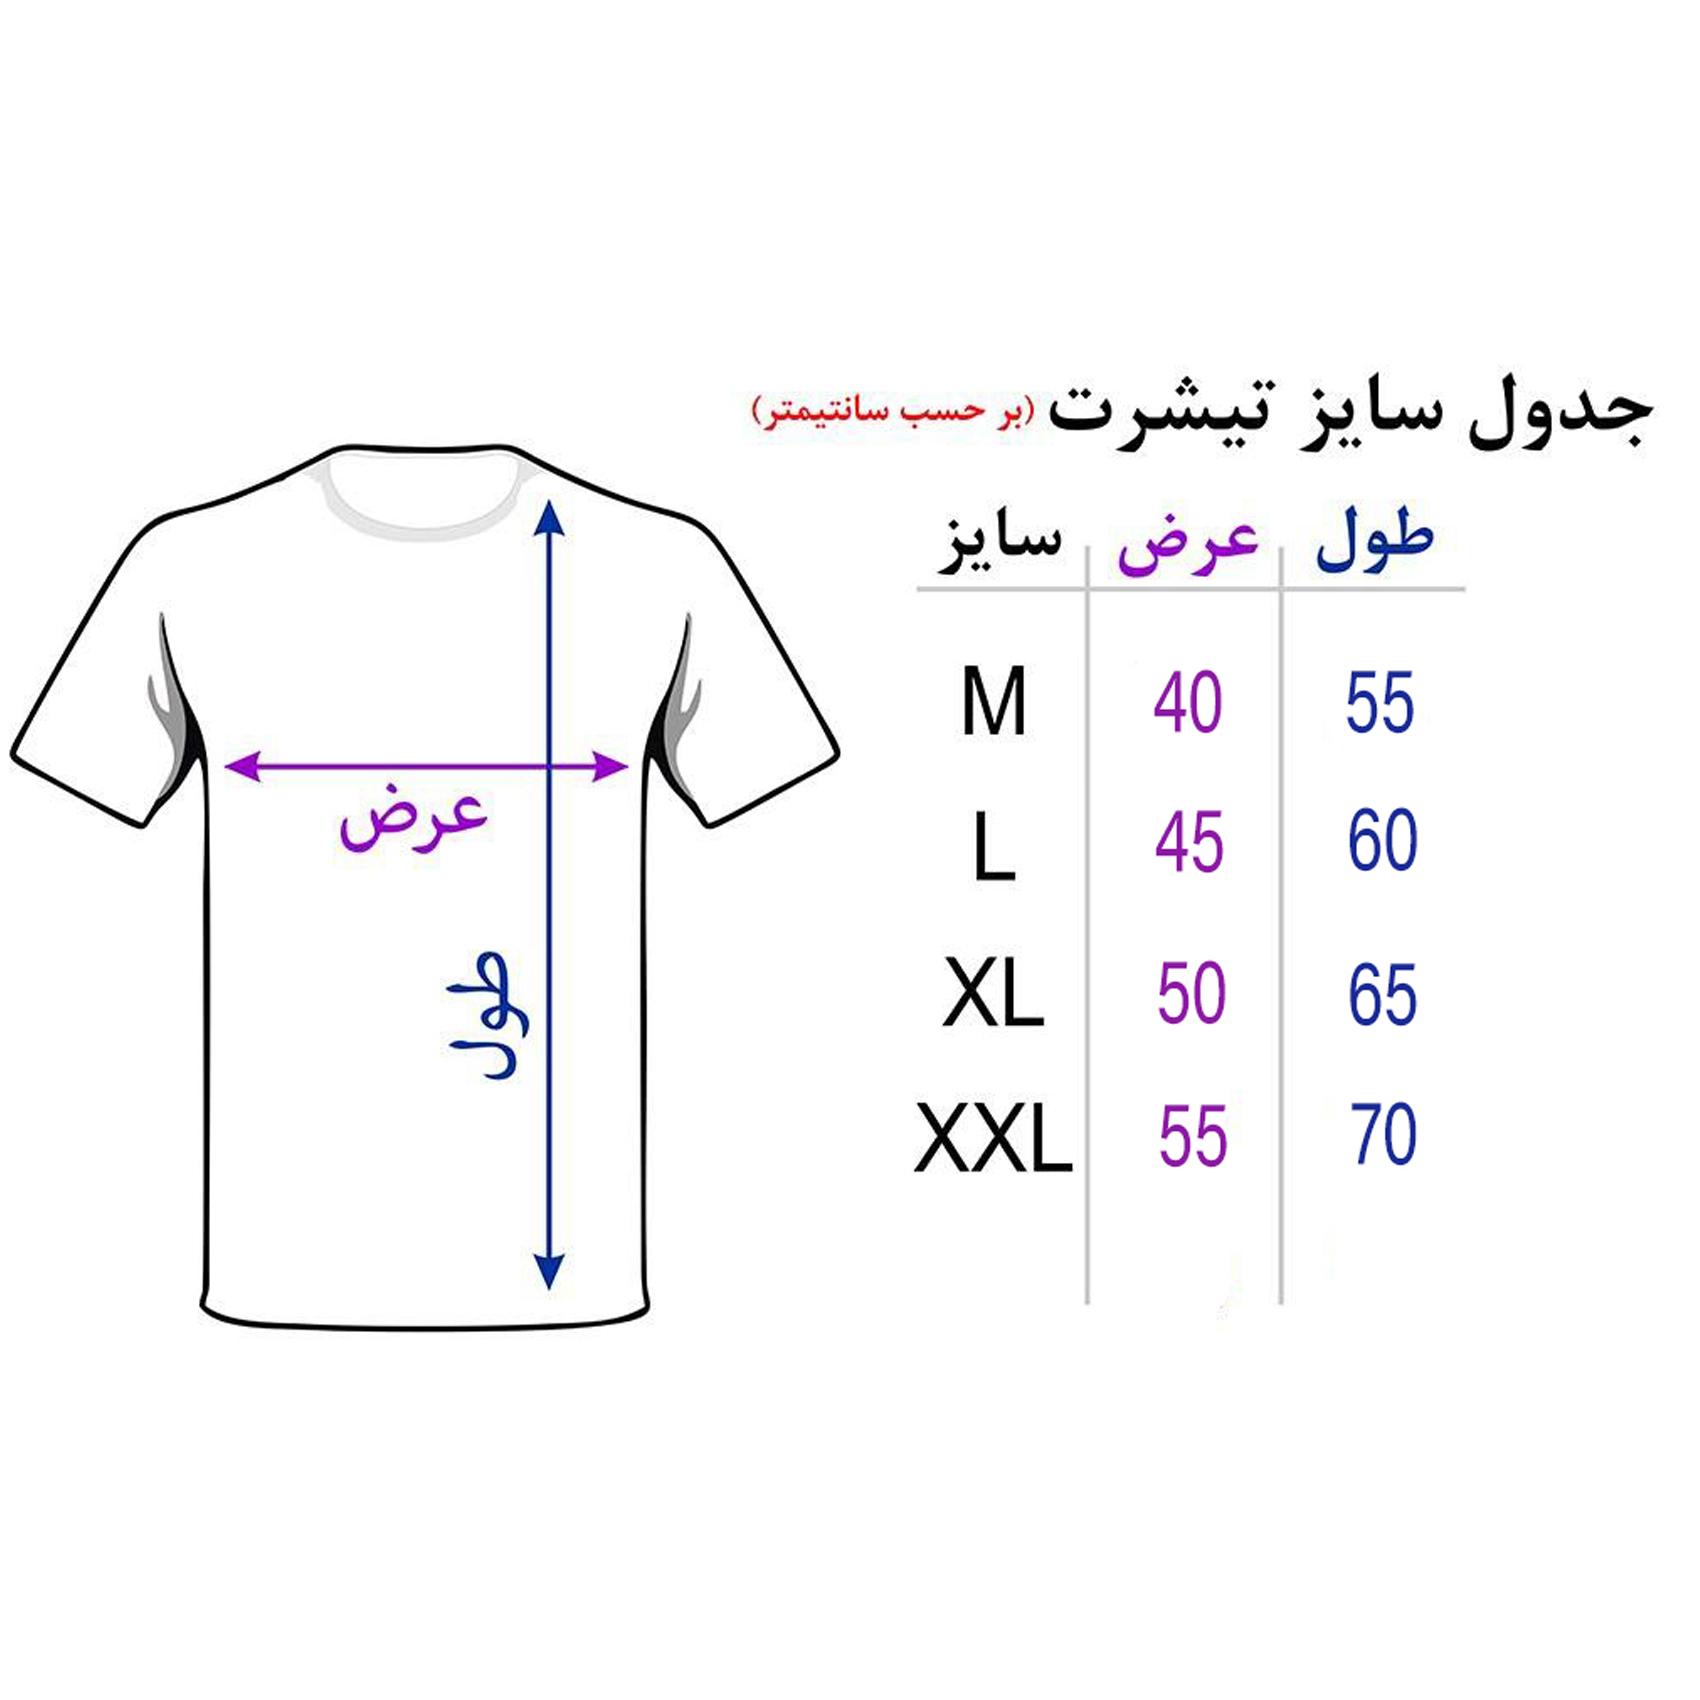 تی شرت آستین کوتاه مردانه 27 طرح بال کد TR09 رنگ مشکی -  - 6